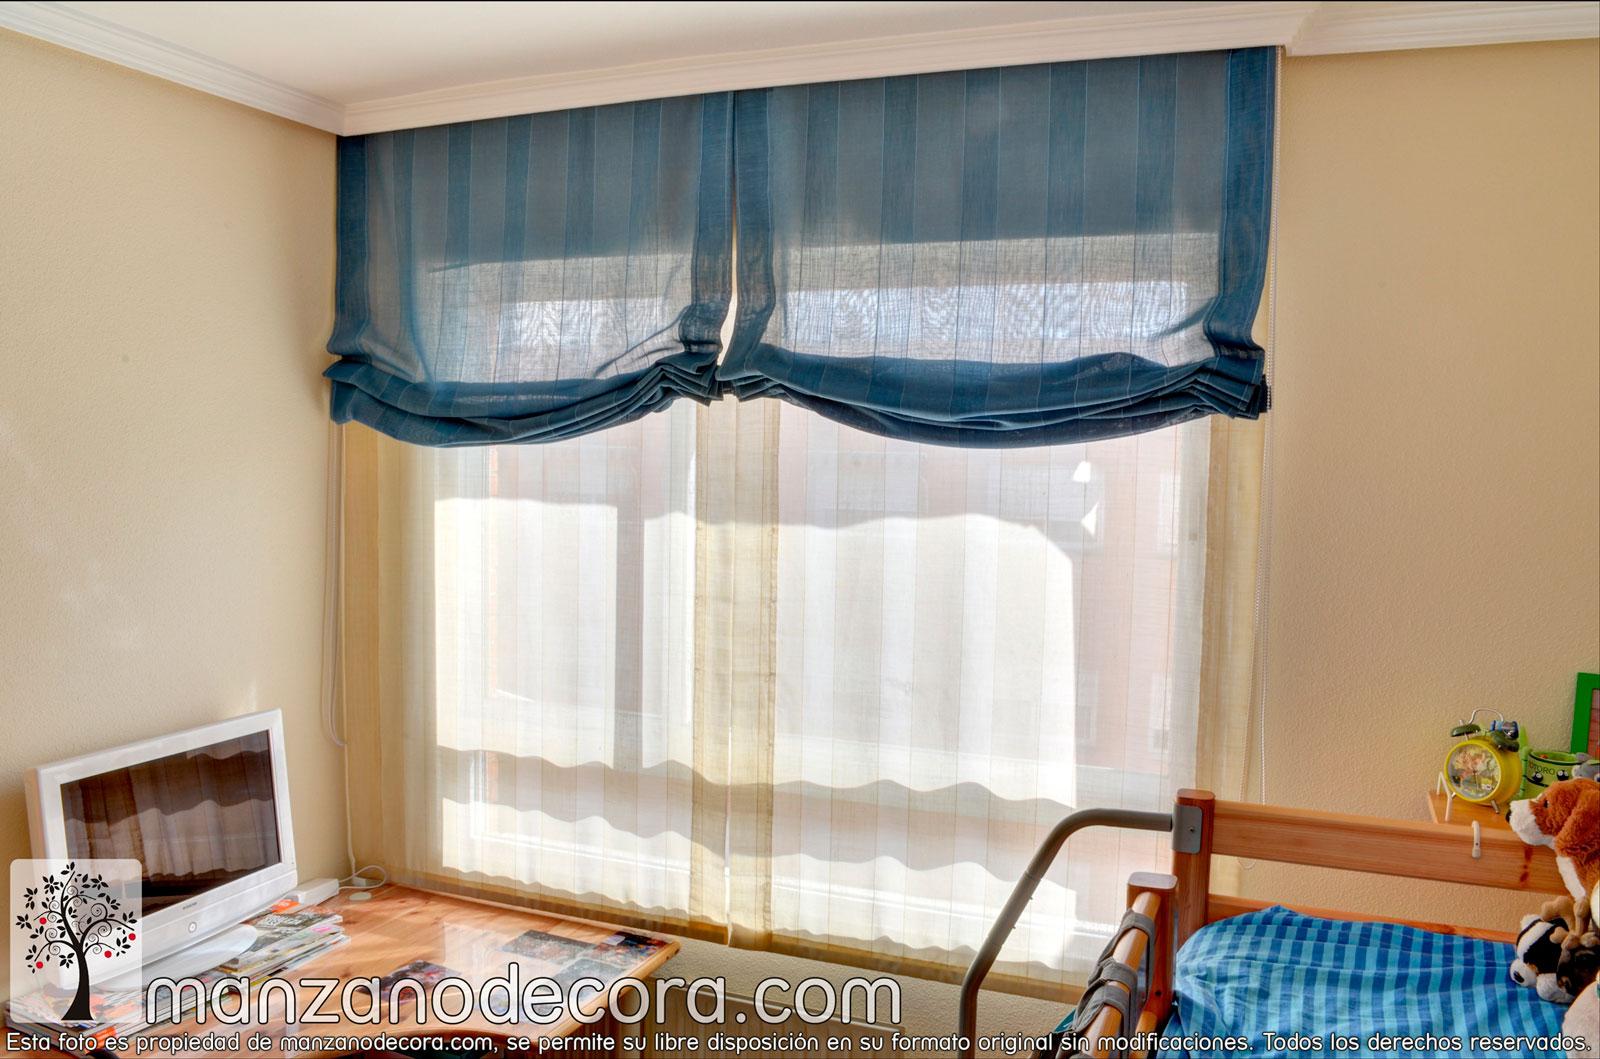 Estores cortinas manzanodecora - Sistemas de cortinas y estores ...